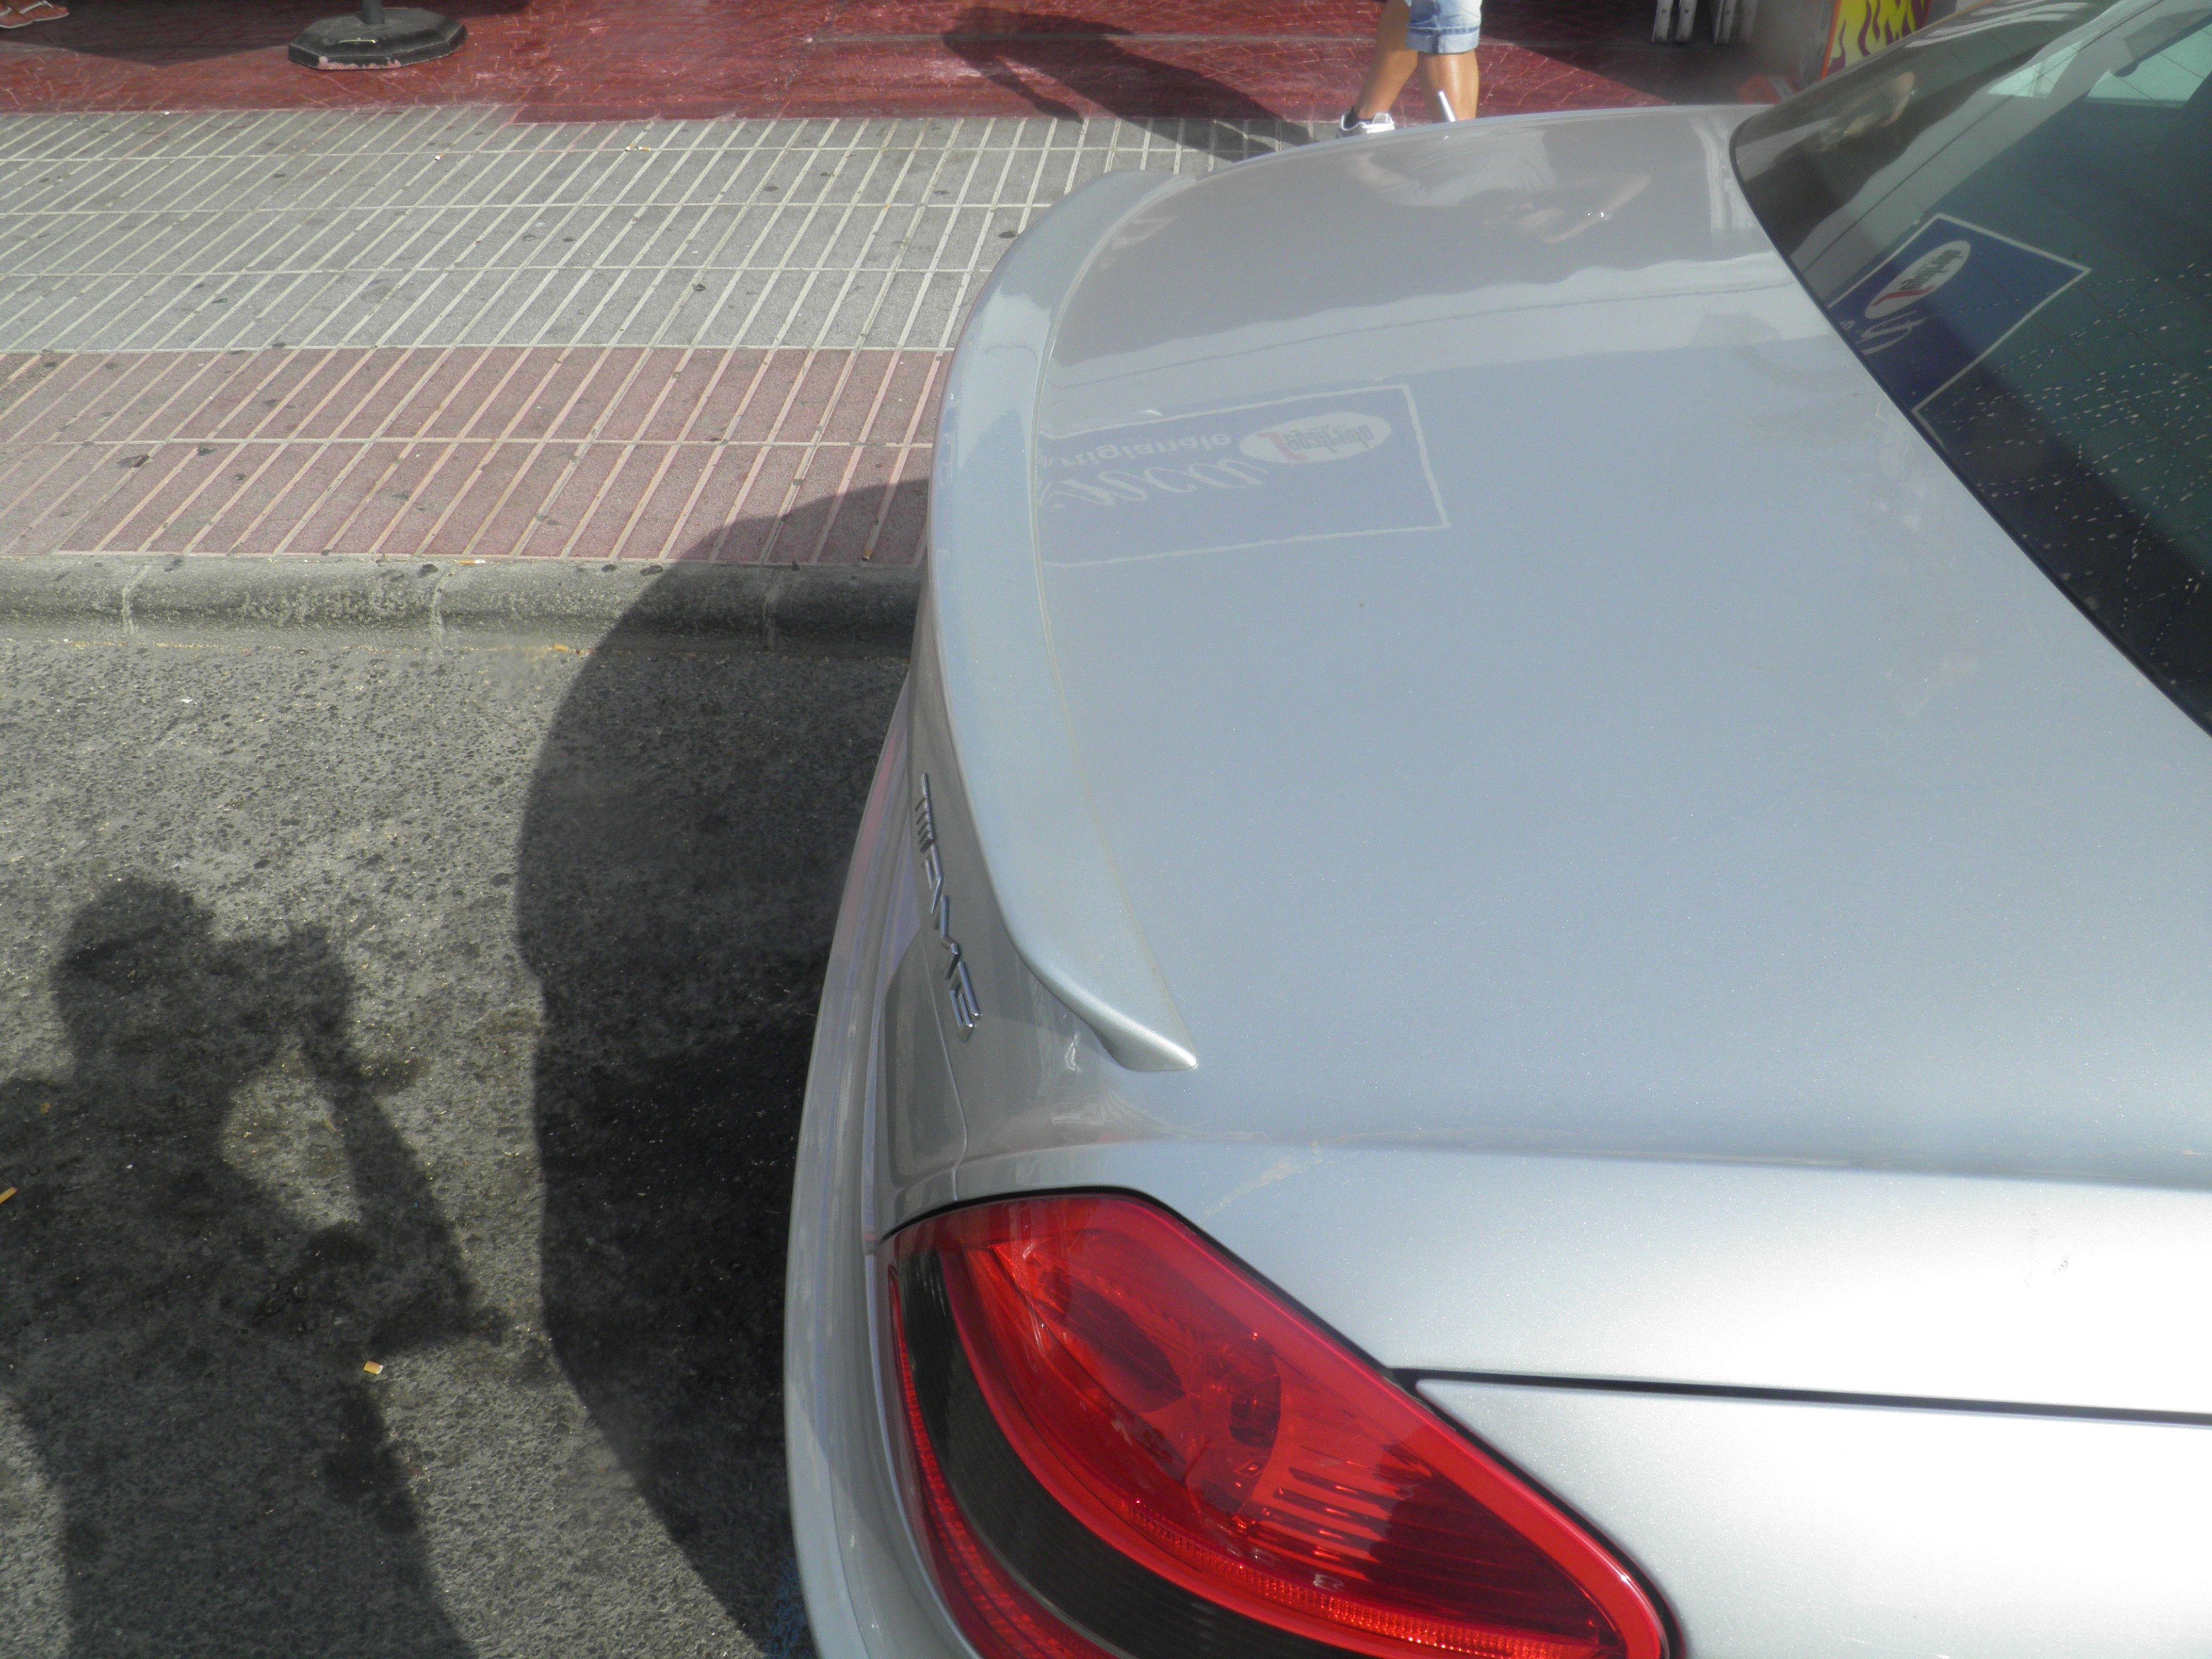 XTT Adecuado para Mercedes Benz SLK Clase R171 Slk200 Slk280 Slk300 Slk350 Spoiler De Estilo R 2004-2010 ala De Aler/ón Trasero De Fibra De Carbono Real